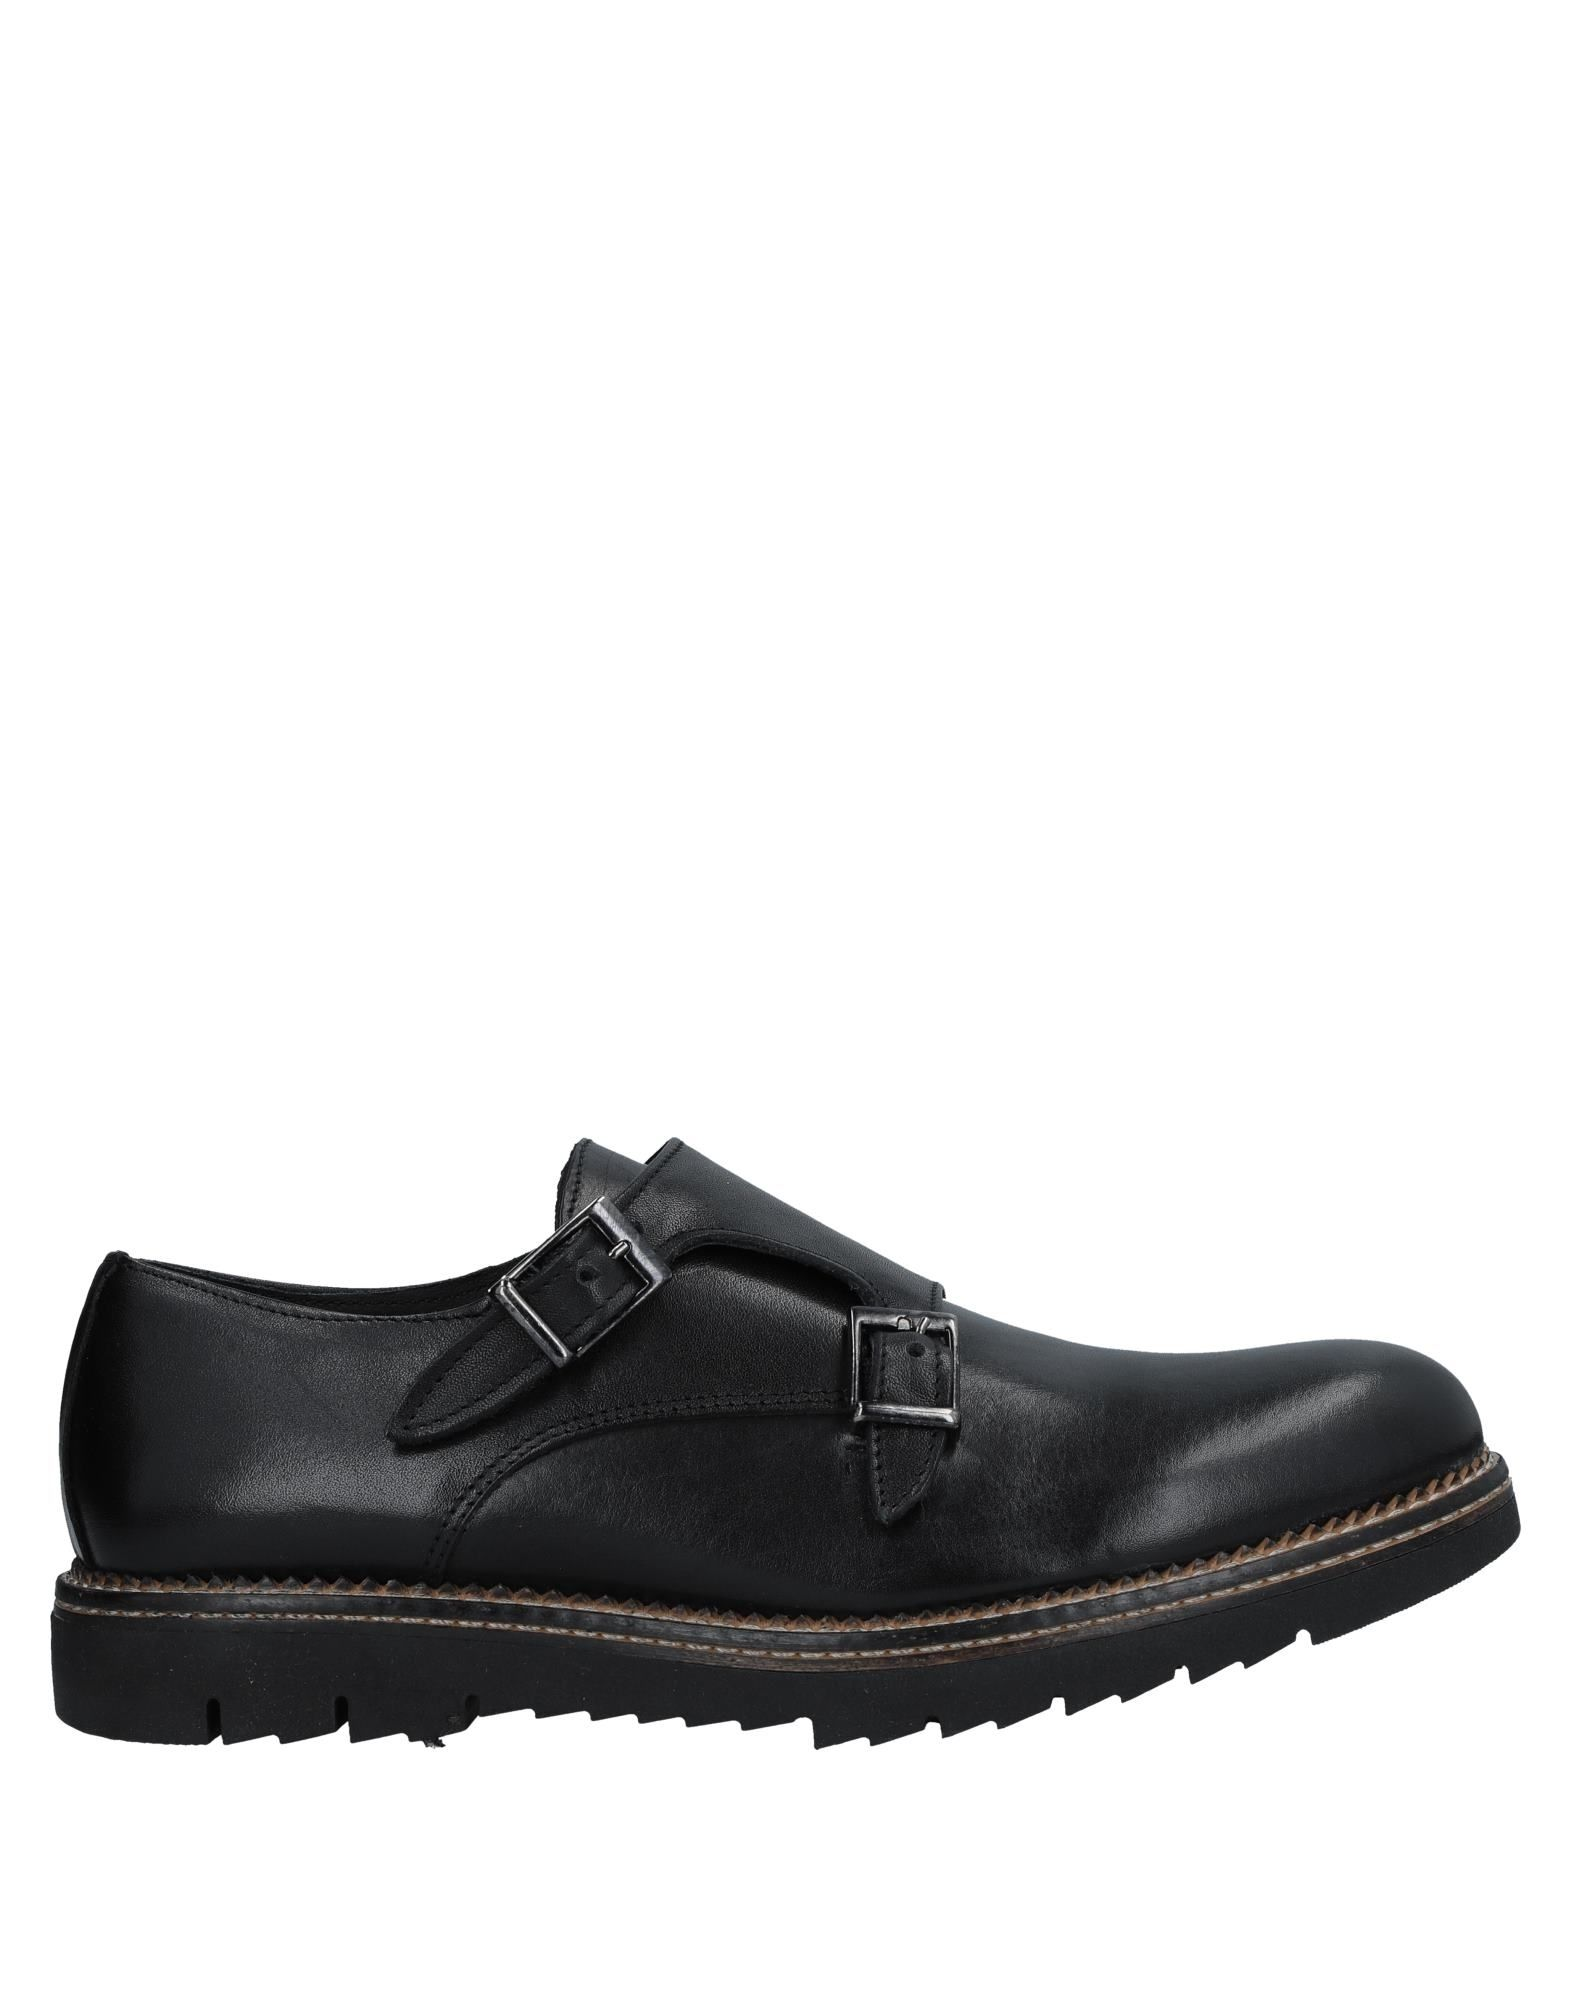 Rabatt echte Schuhe Roberto Della Croce Mokassins Herren  11531557MO